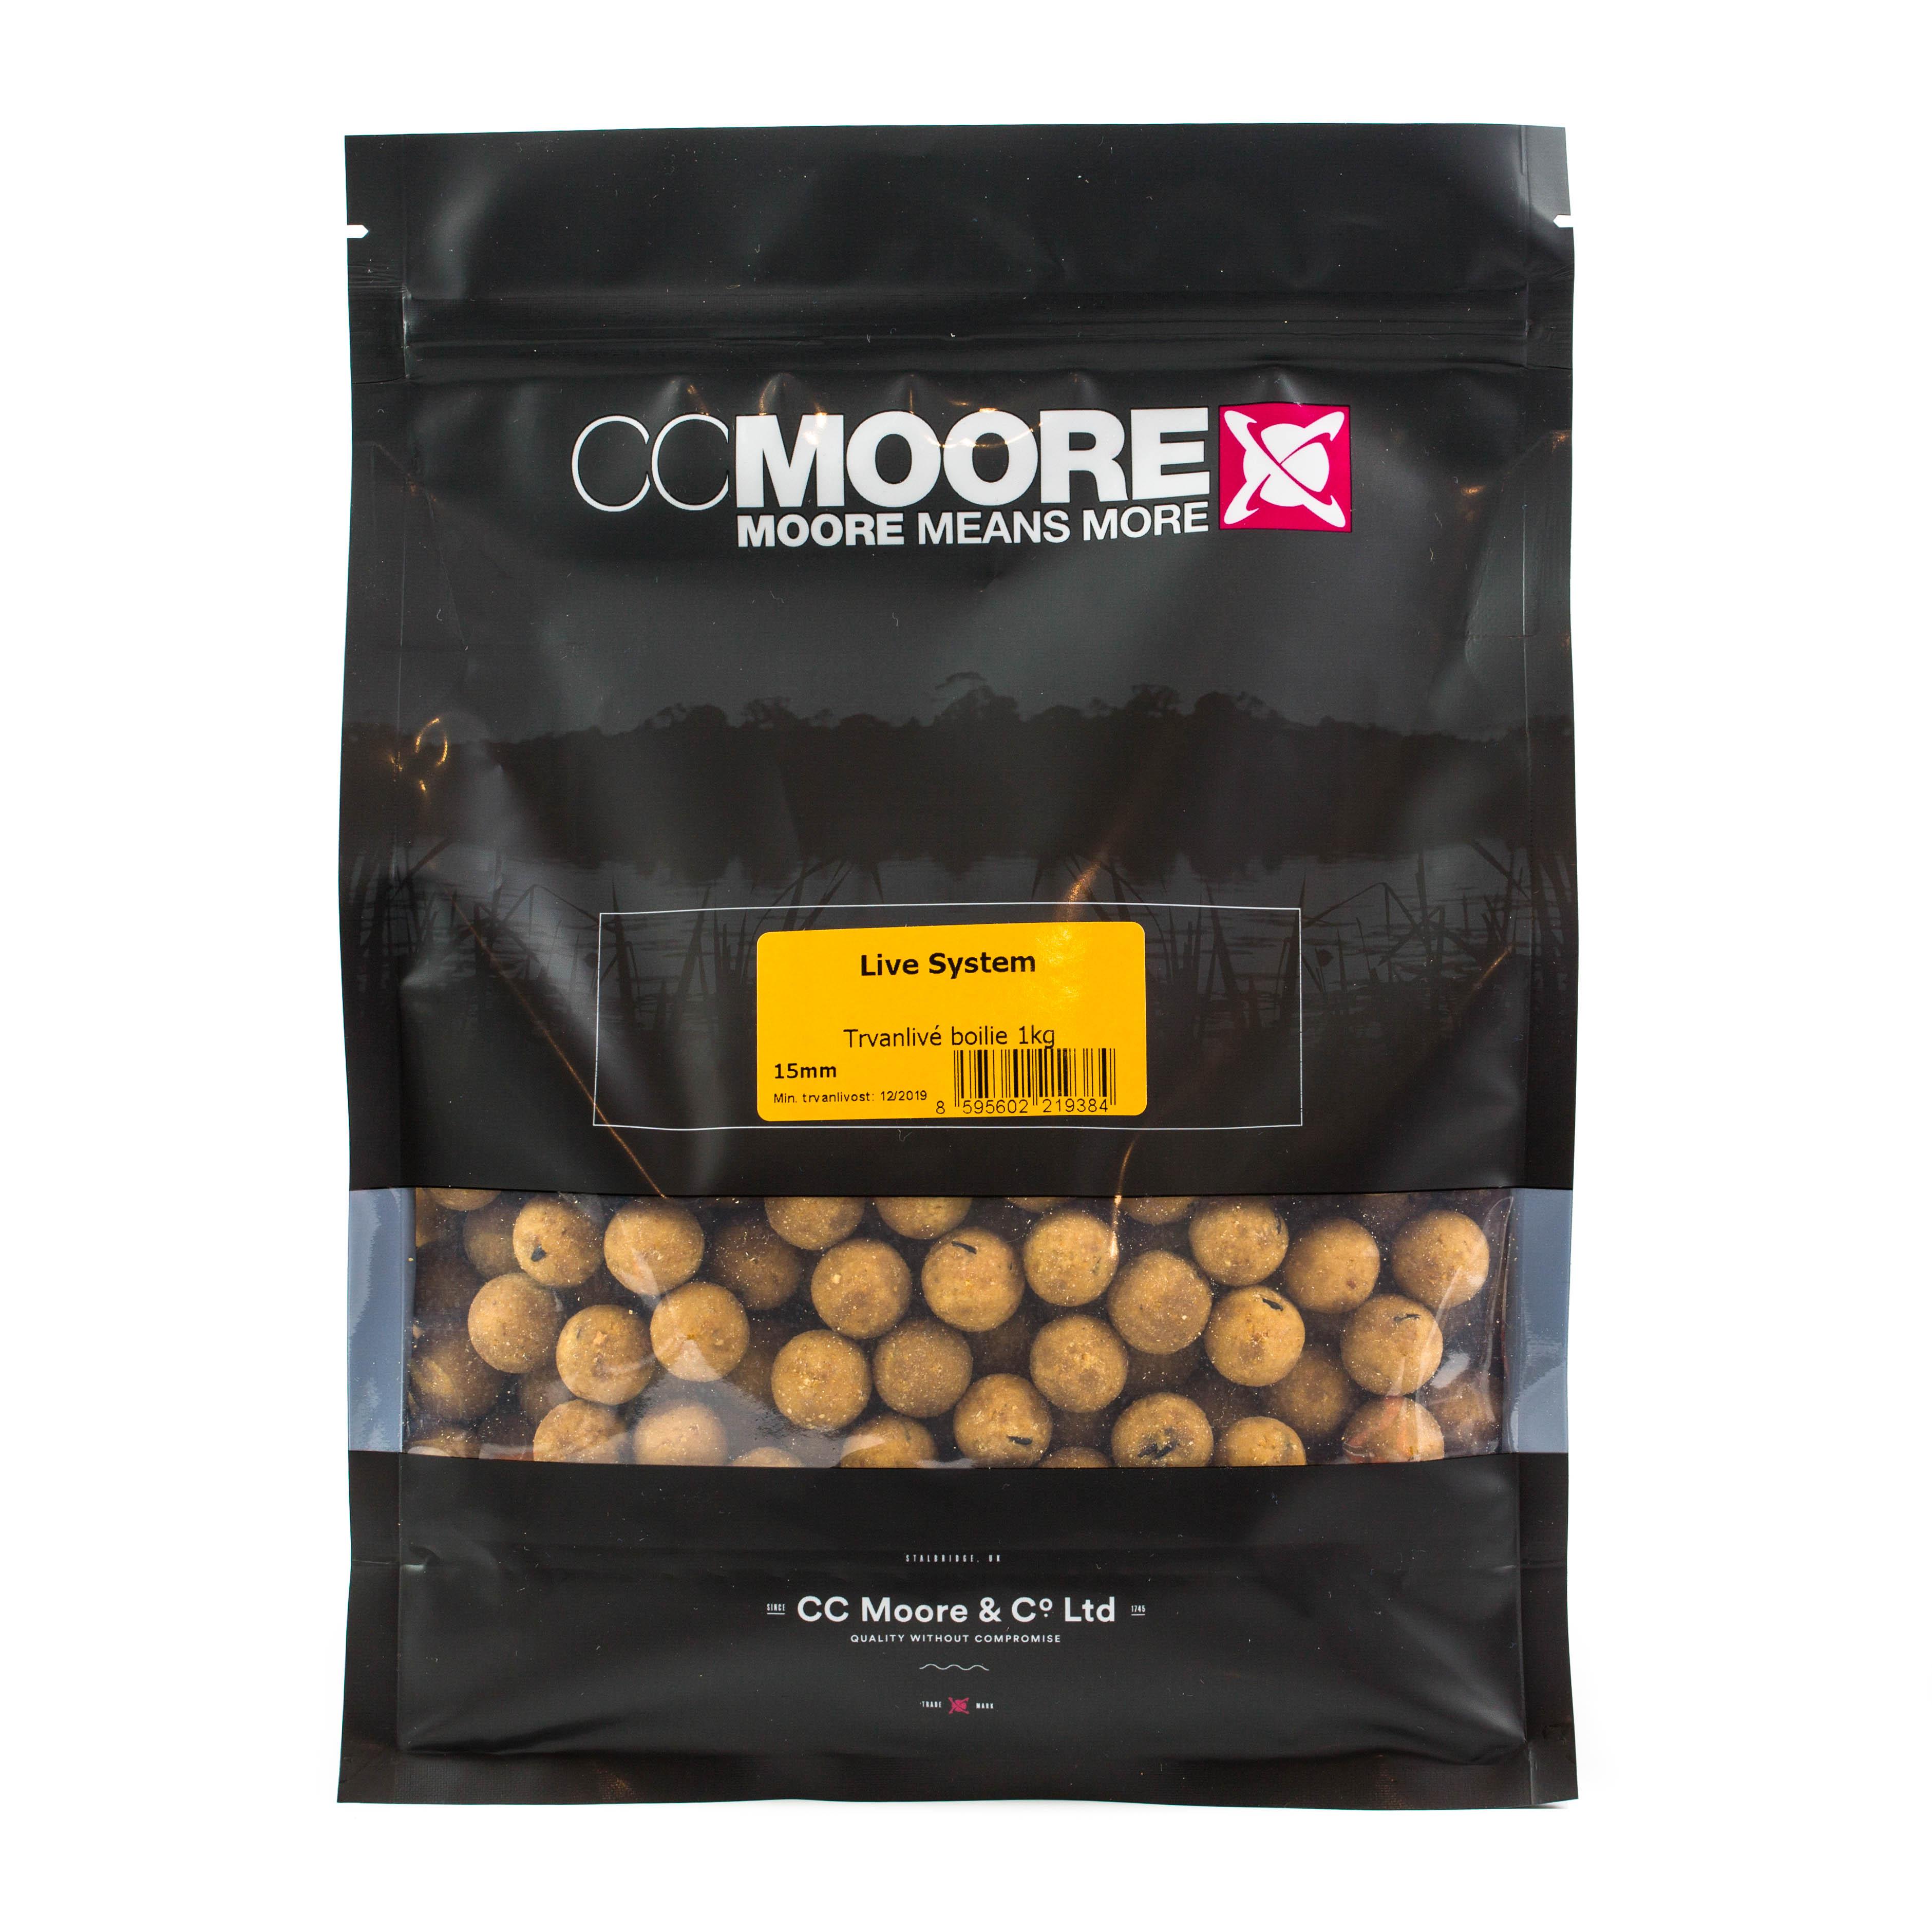 CC Moore Live system - Trvanlivé boilie 15mm 1kg